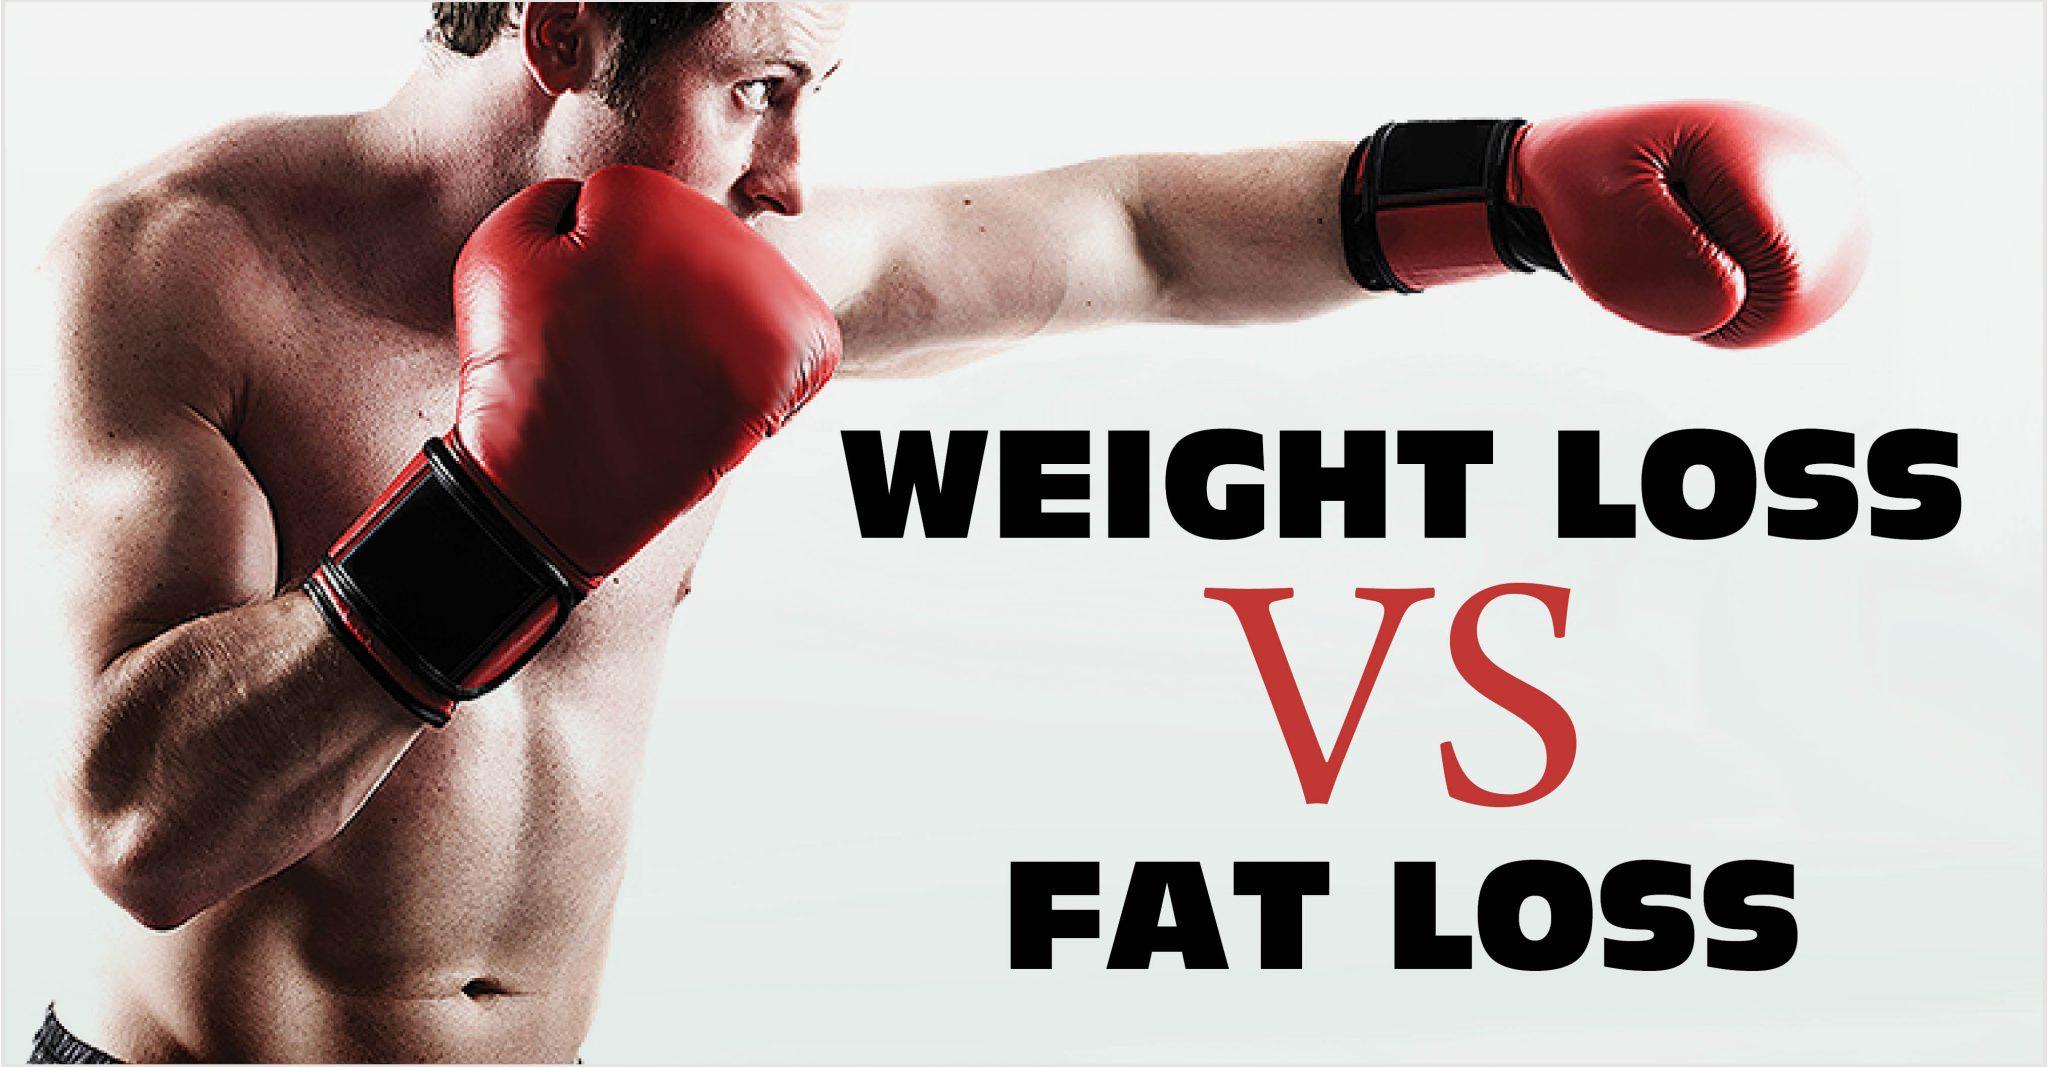 pierdere în greutate columbus oh pierdere în greutate mama boo boo